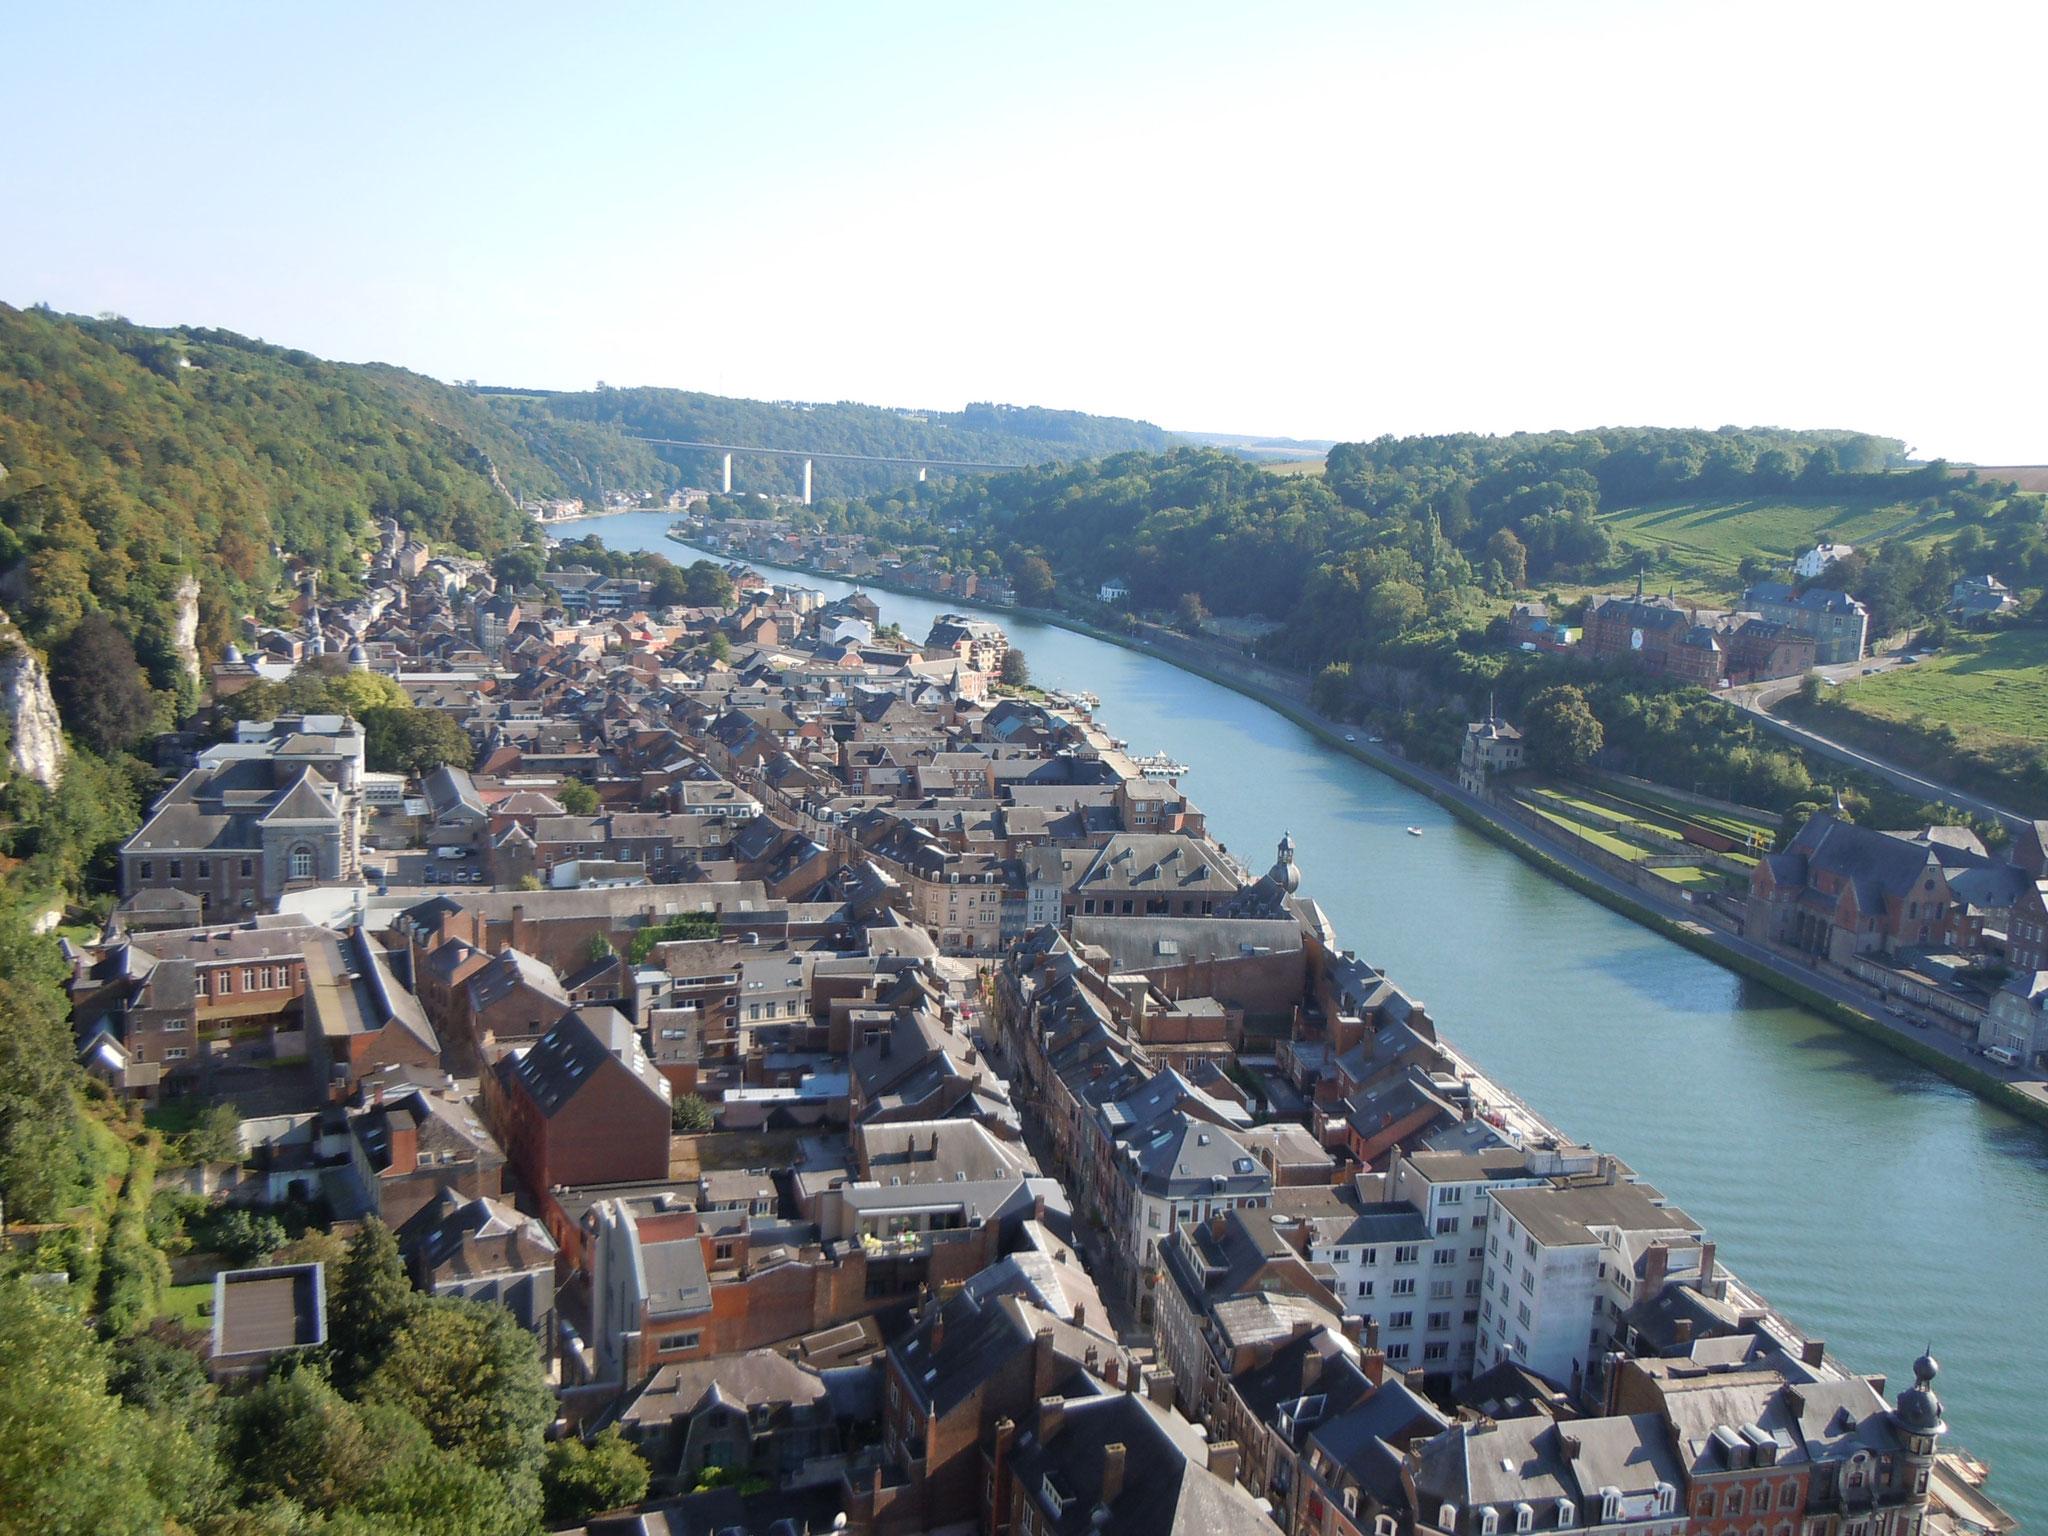 Blick auf die Meuse von der Zitadelle aus